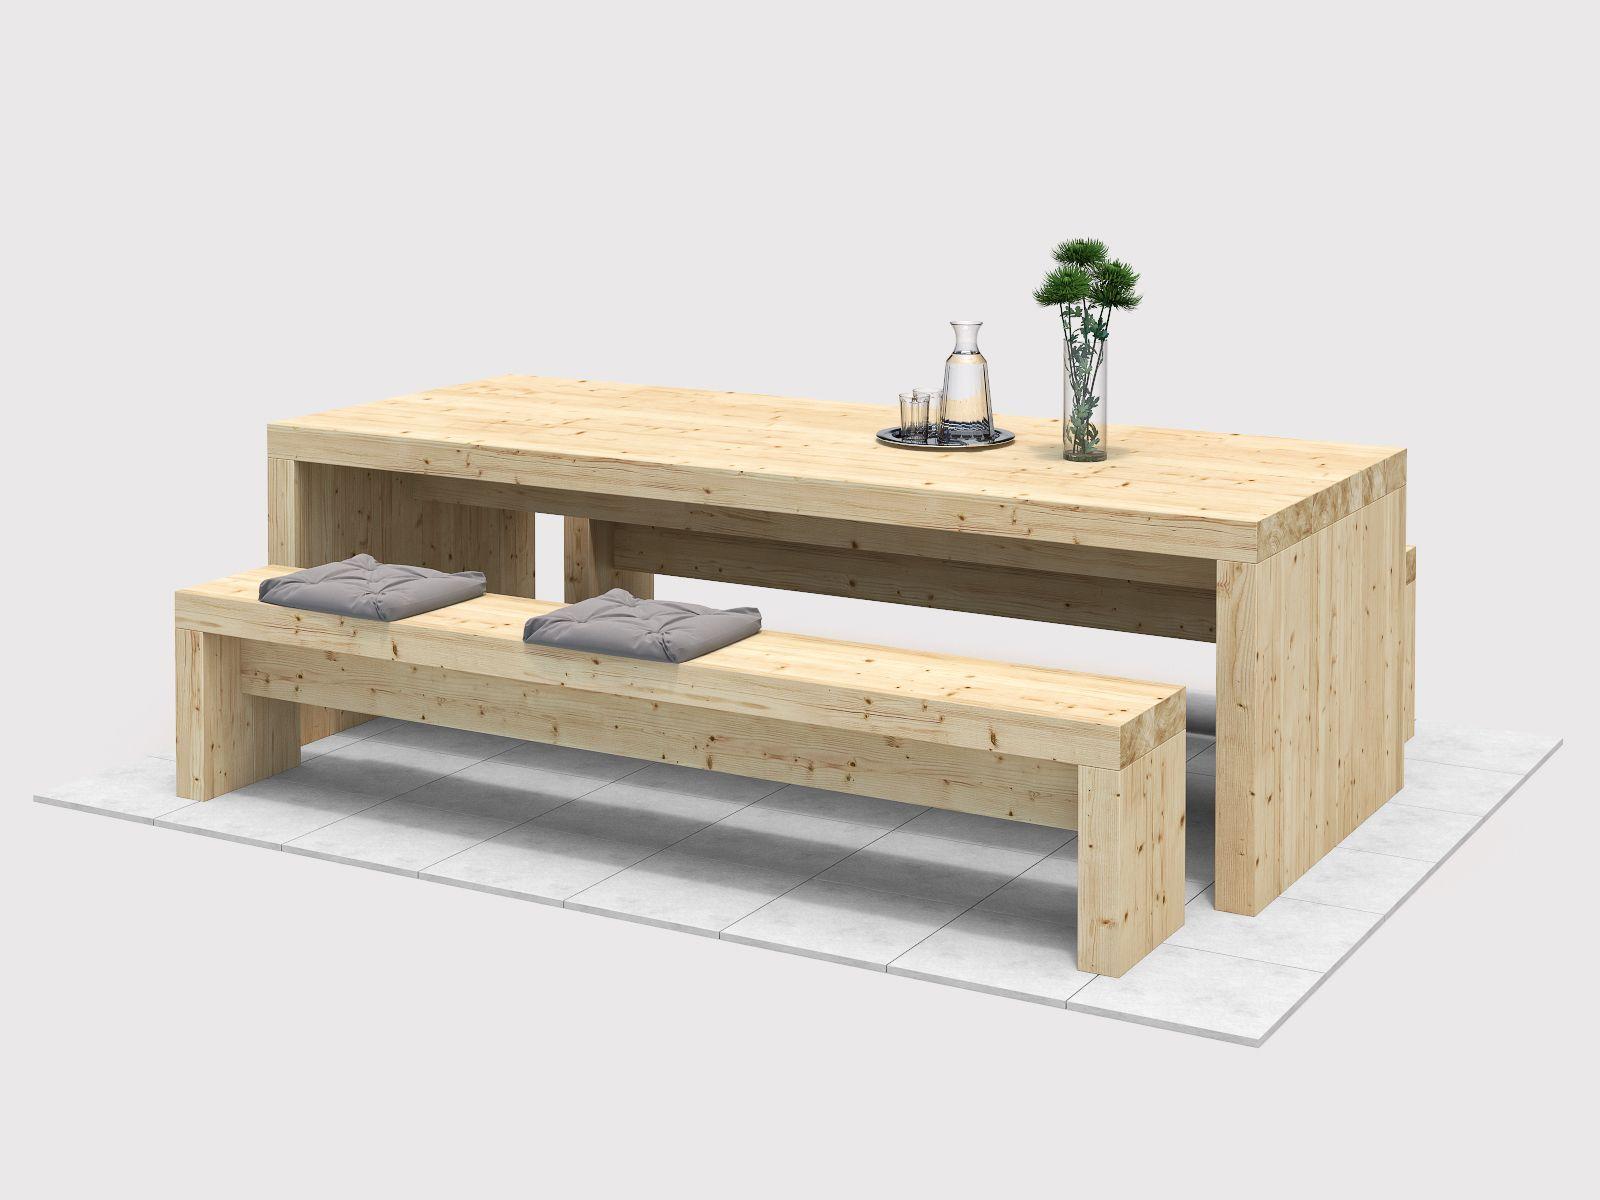 Tisch Bruno Create By Obi Tisch Selber Bauen Sitzbank Selber Bauen Holztisch Mit Bank